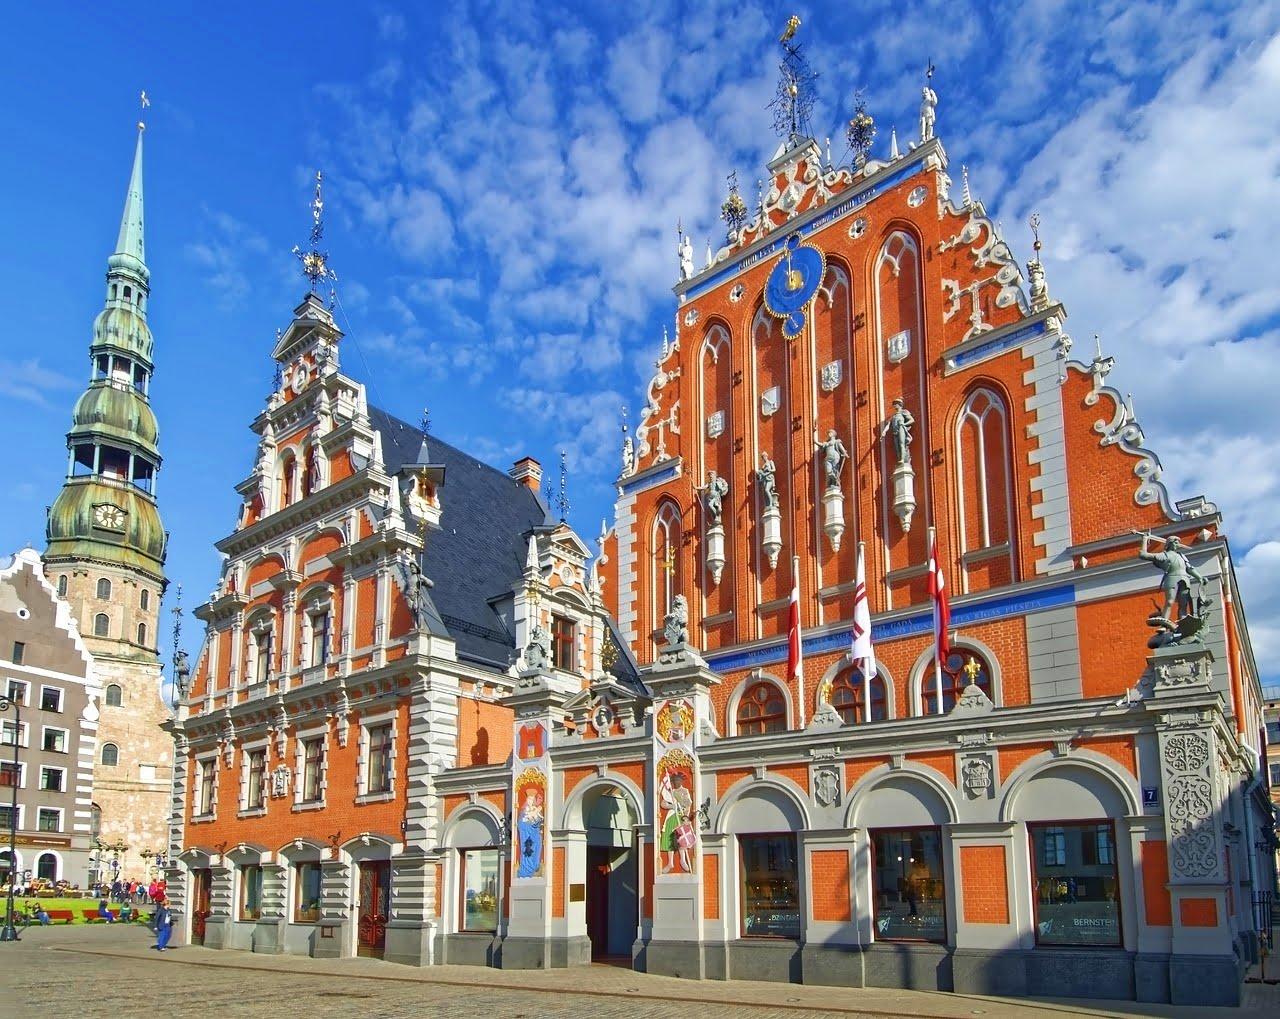 Polonia și Țările Baltice. Pe urmele artiștilor polonezi și ale culturii baltice